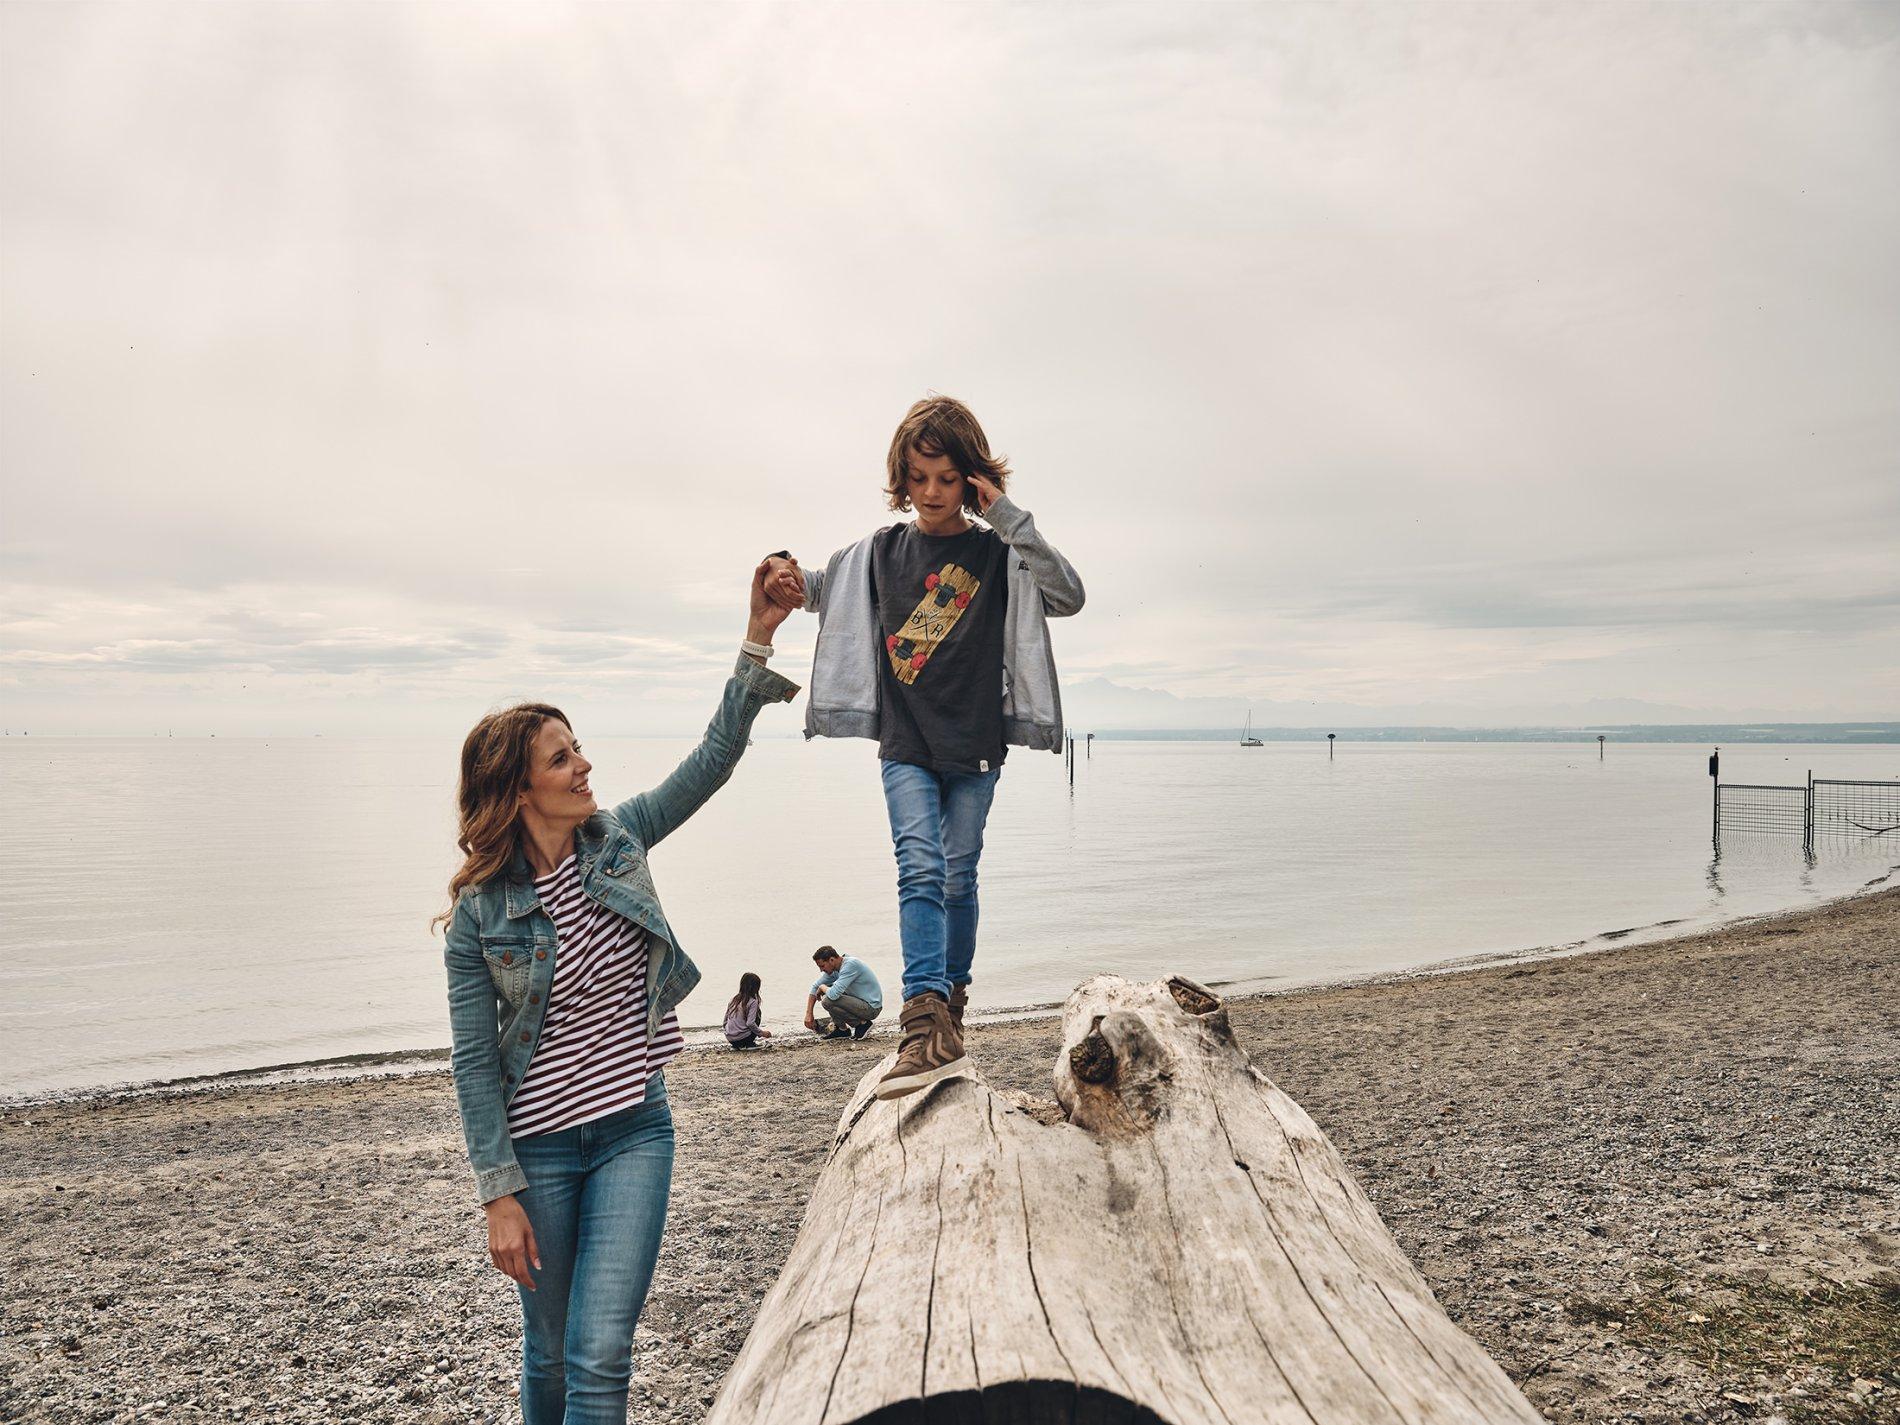 Familie auf der Spiellädine am See